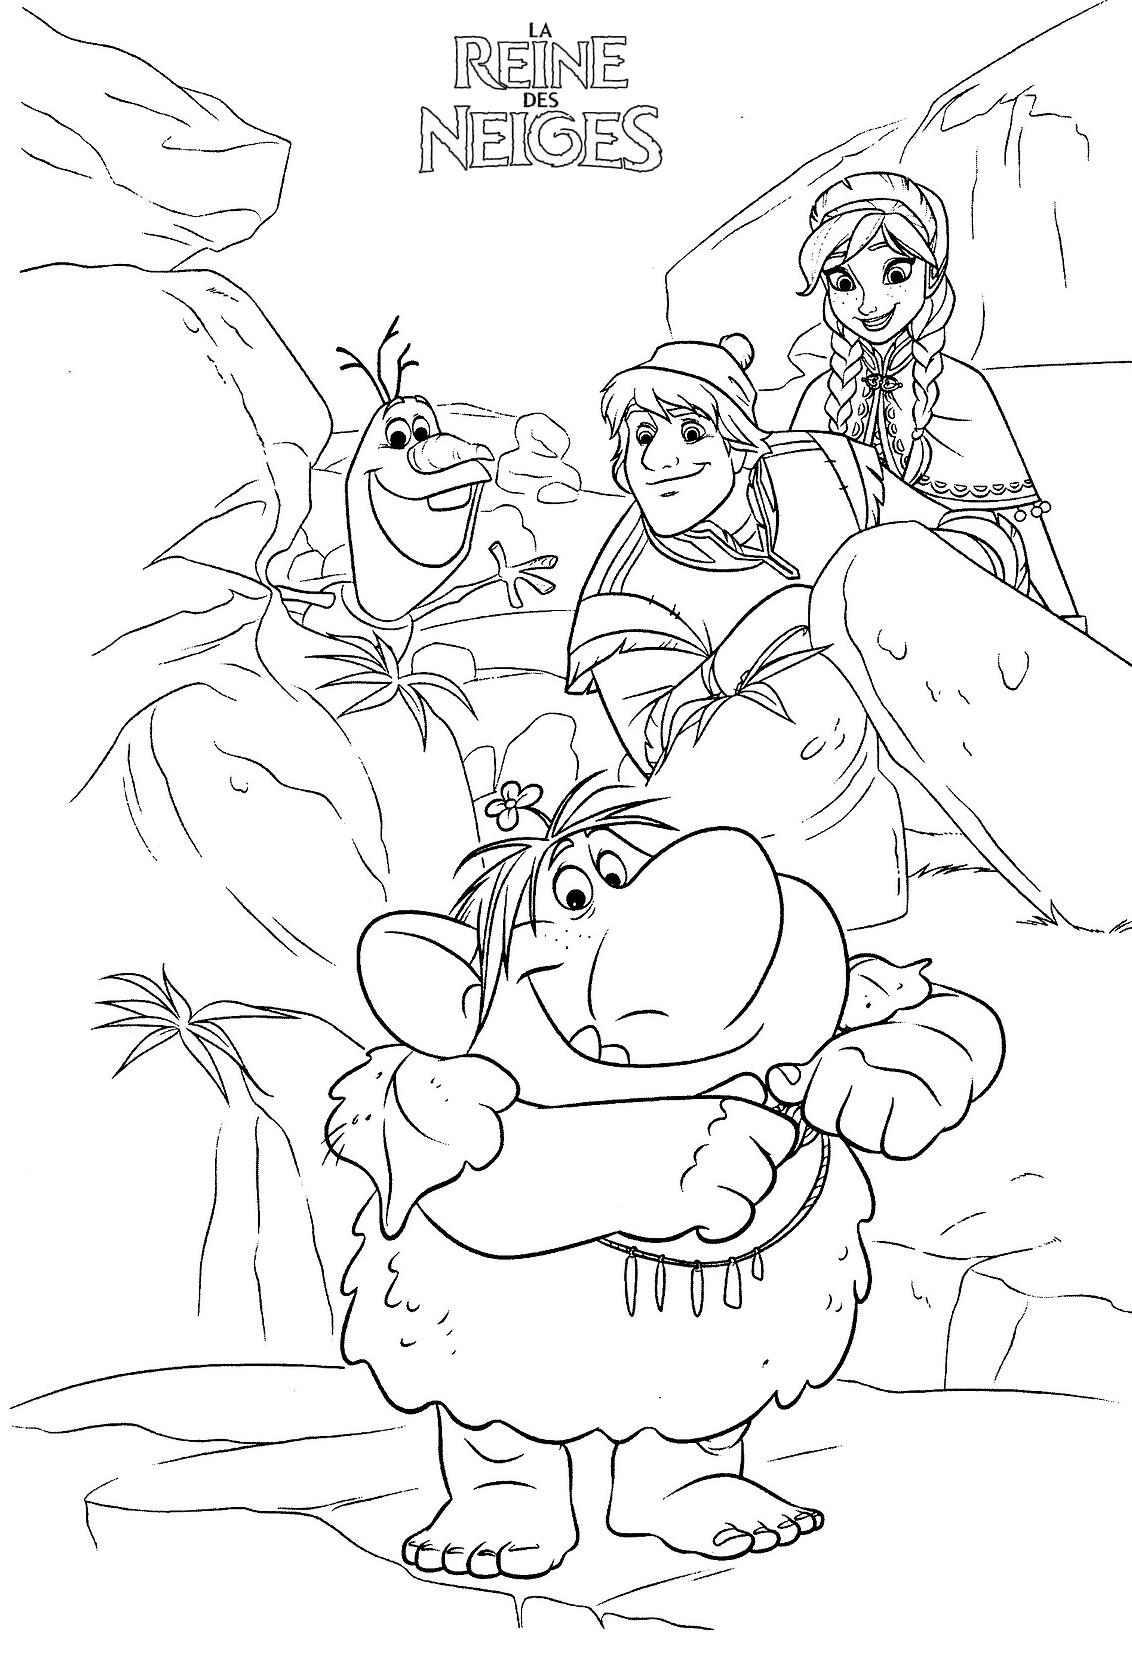 Coloriage a imprimer reine des neiges chez les trolls gratuit et colorier - Jeux gratuit la reine des neige ...